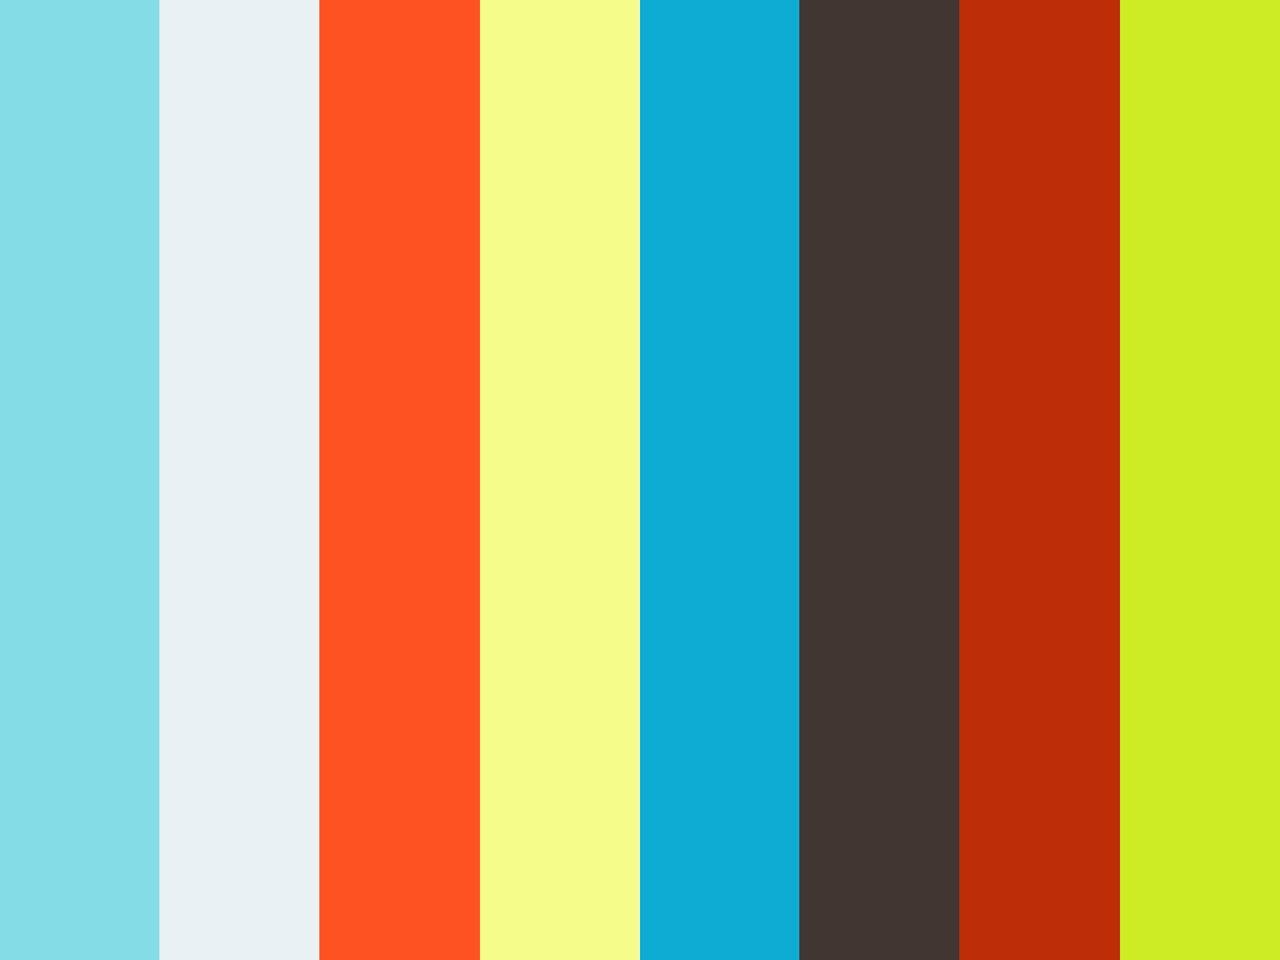 002845 - PROG - TV Provincie - Duurzaam vervoer naar de Ronde van Vlaanderen